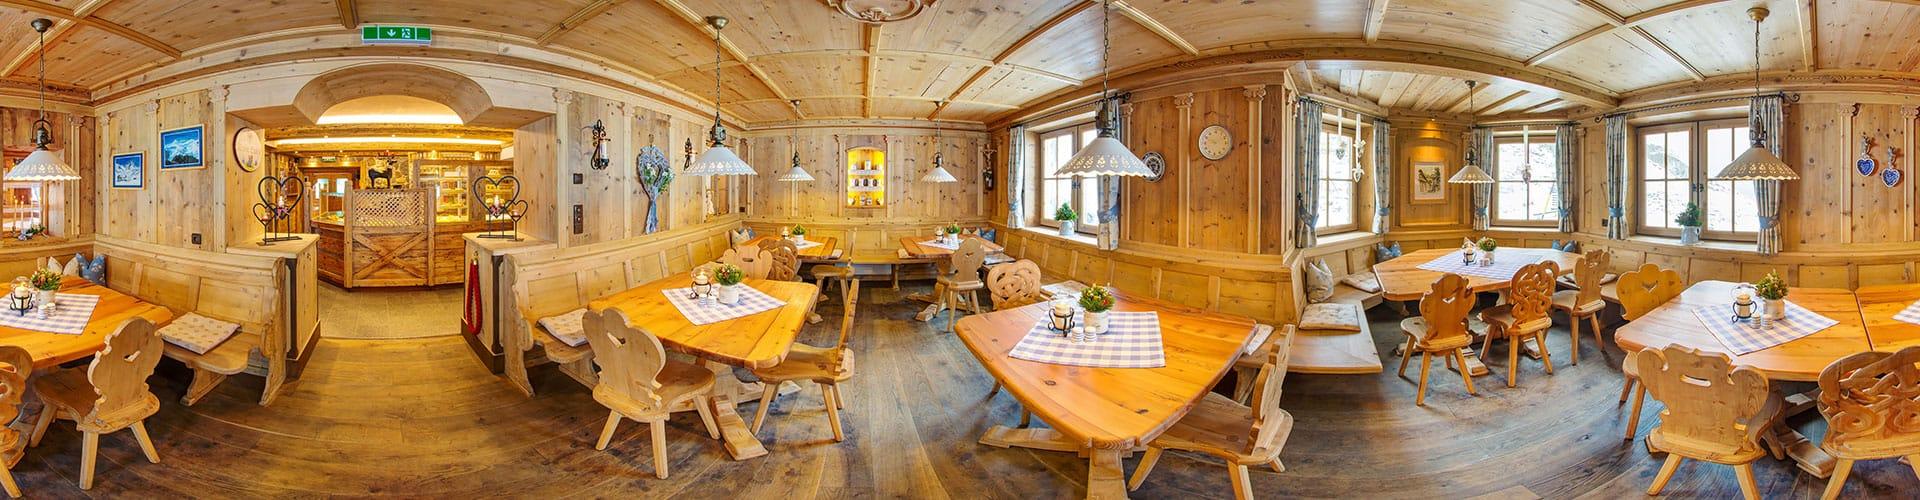 Dresdner Hütte im Staubaital/Tirol auf 2308m Seehöhe